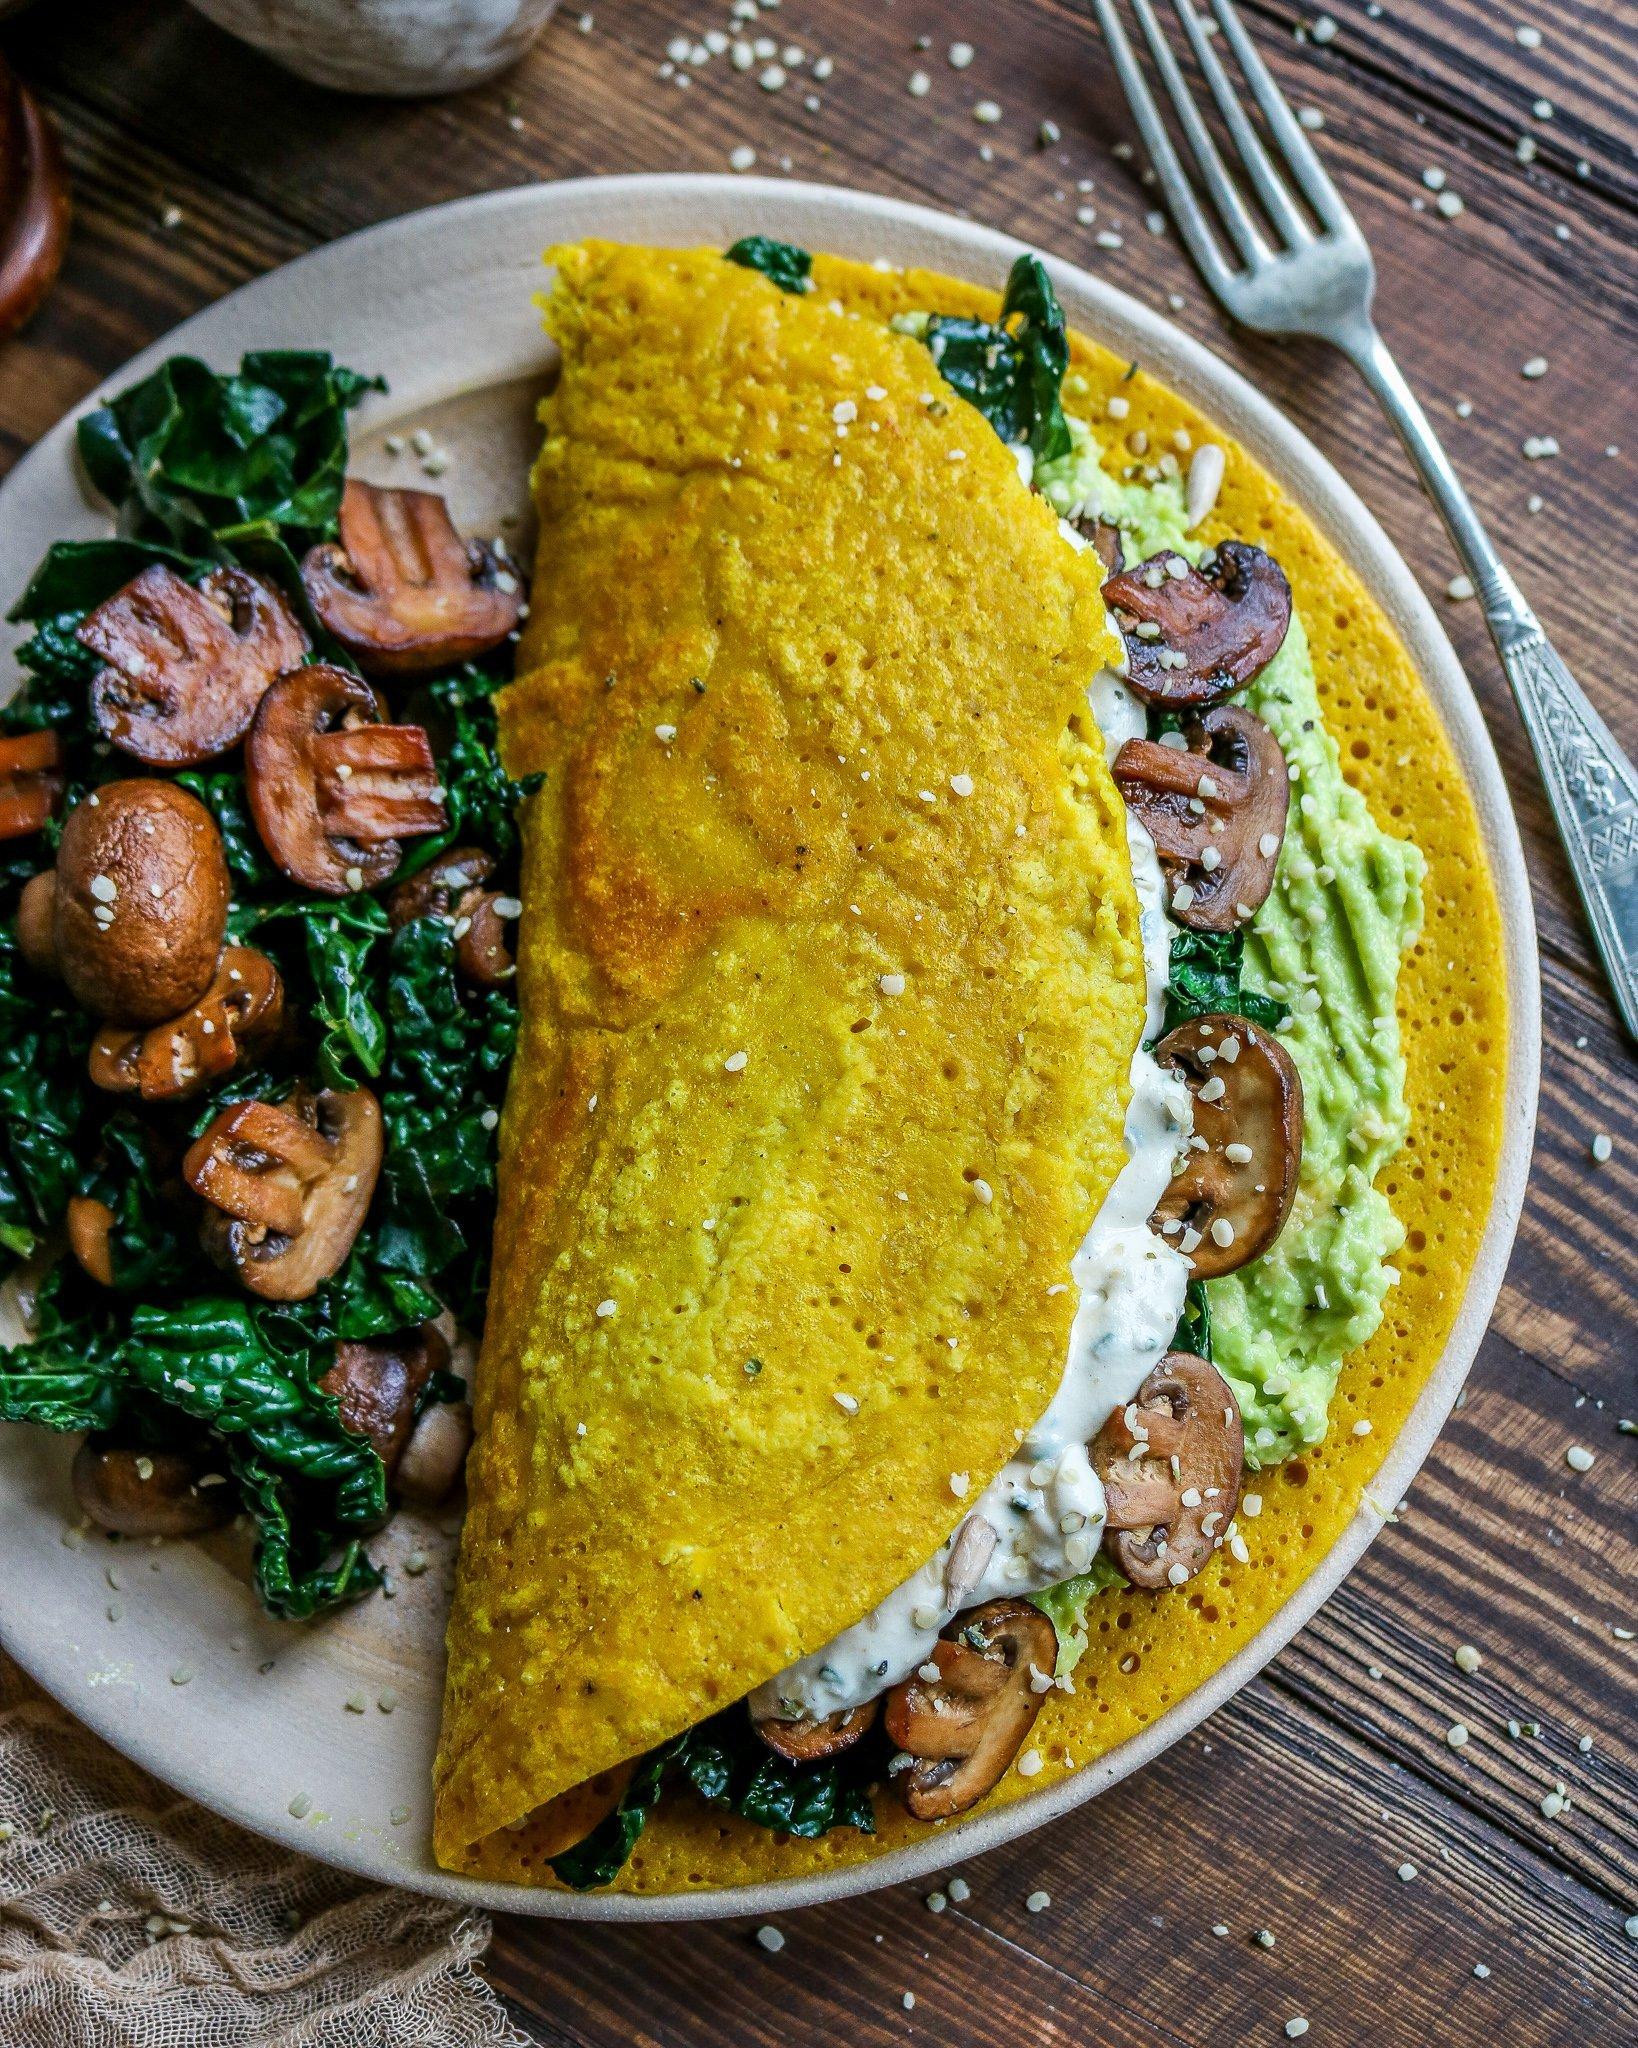 Vegan Omelette with Mushrooms & Kale